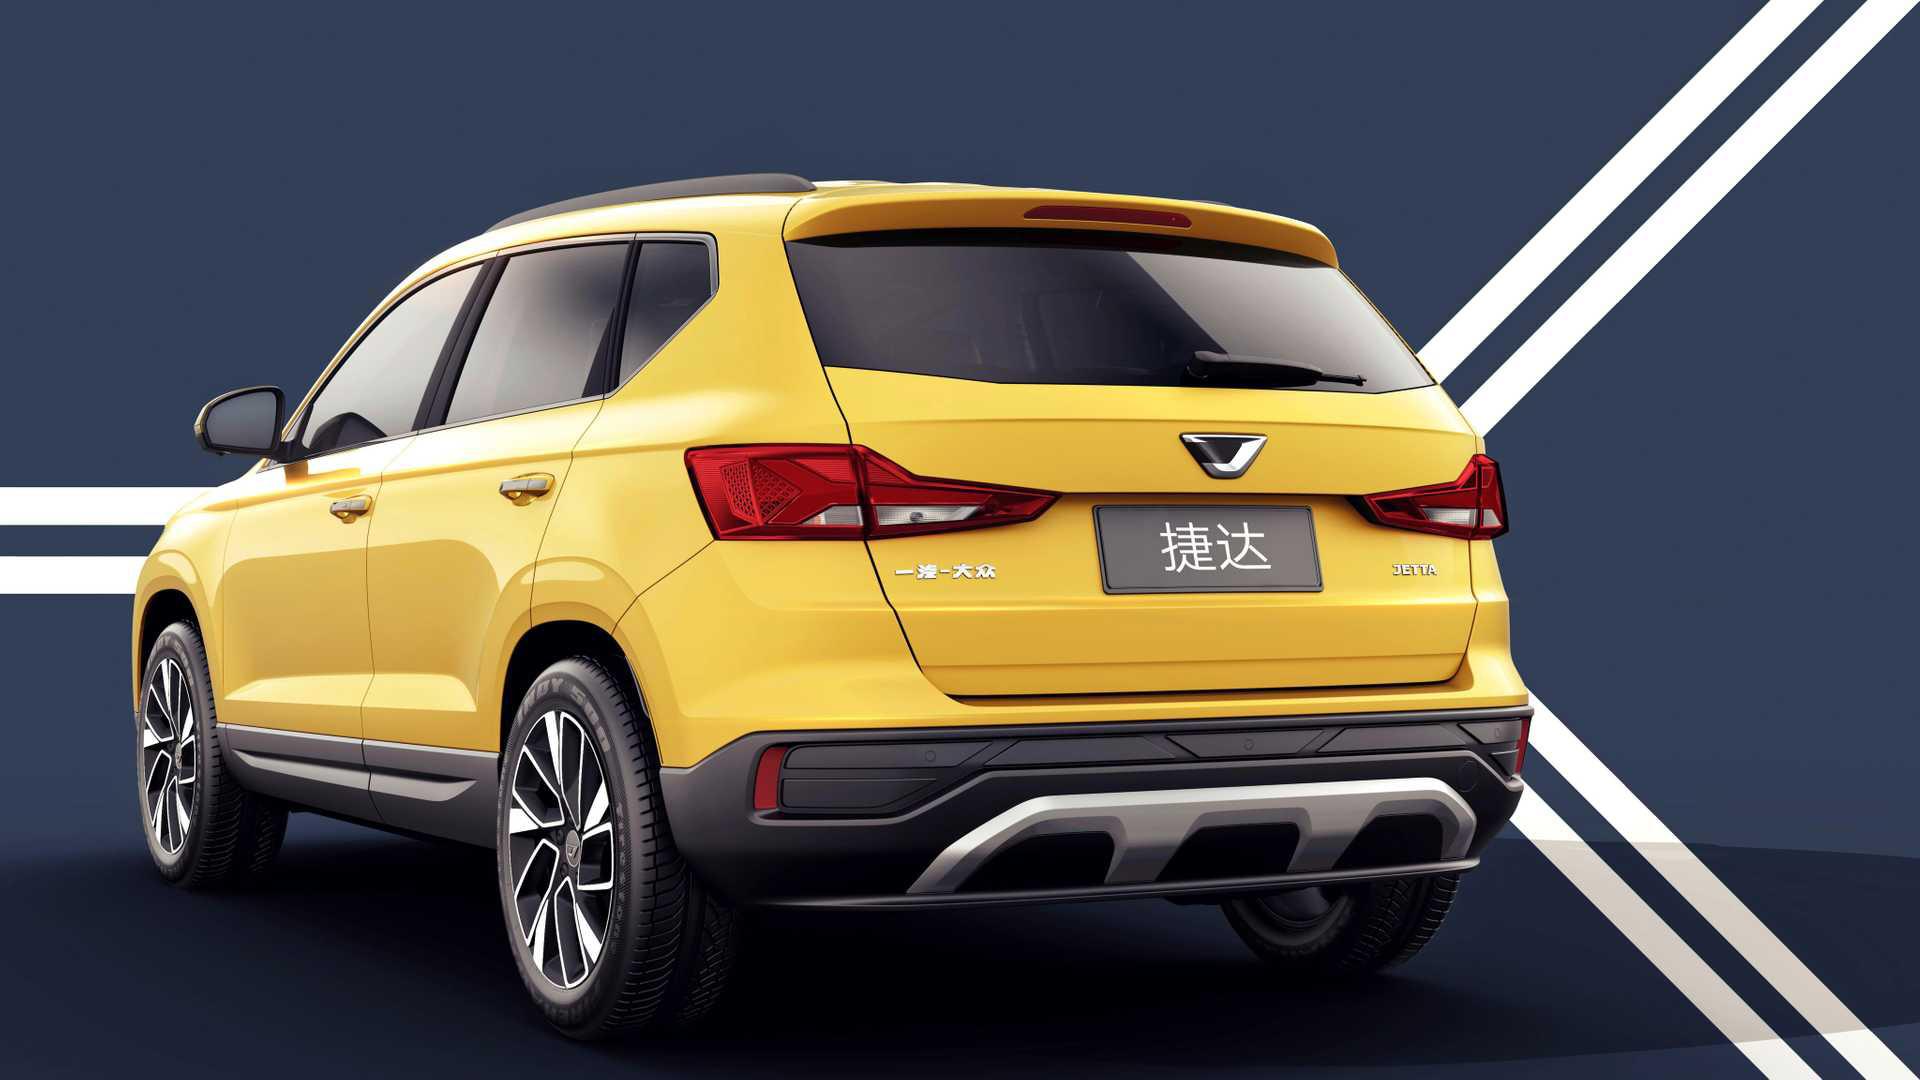 Giá rẻ, xe Jetta ăn khách bất ngờ, có thể về Việt Nam thành thương hiệu độc lập, không phải 1 mẫu của VW như xưa - Ảnh 2.